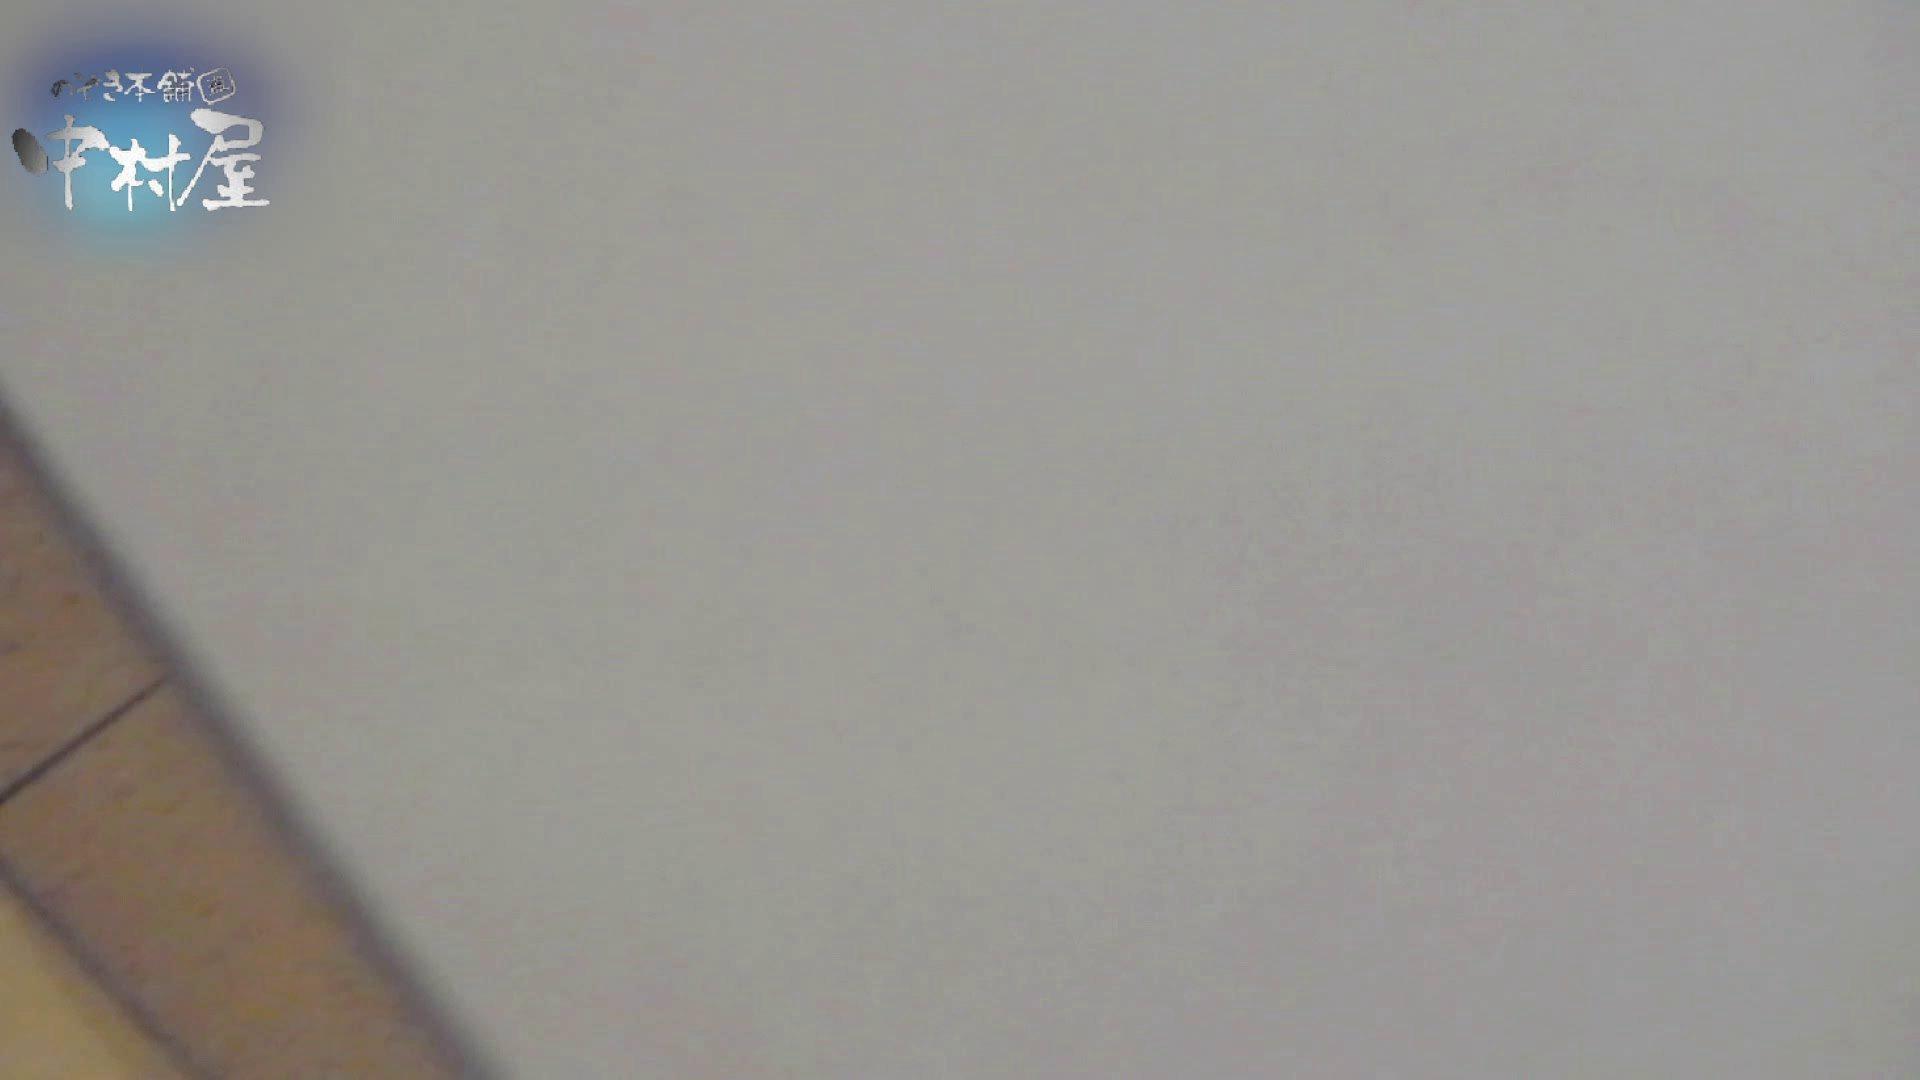 乙女集まる!ショッピングモール潜入撮vol.07 丸見え 隠し撮りセックス画像 102画像 77